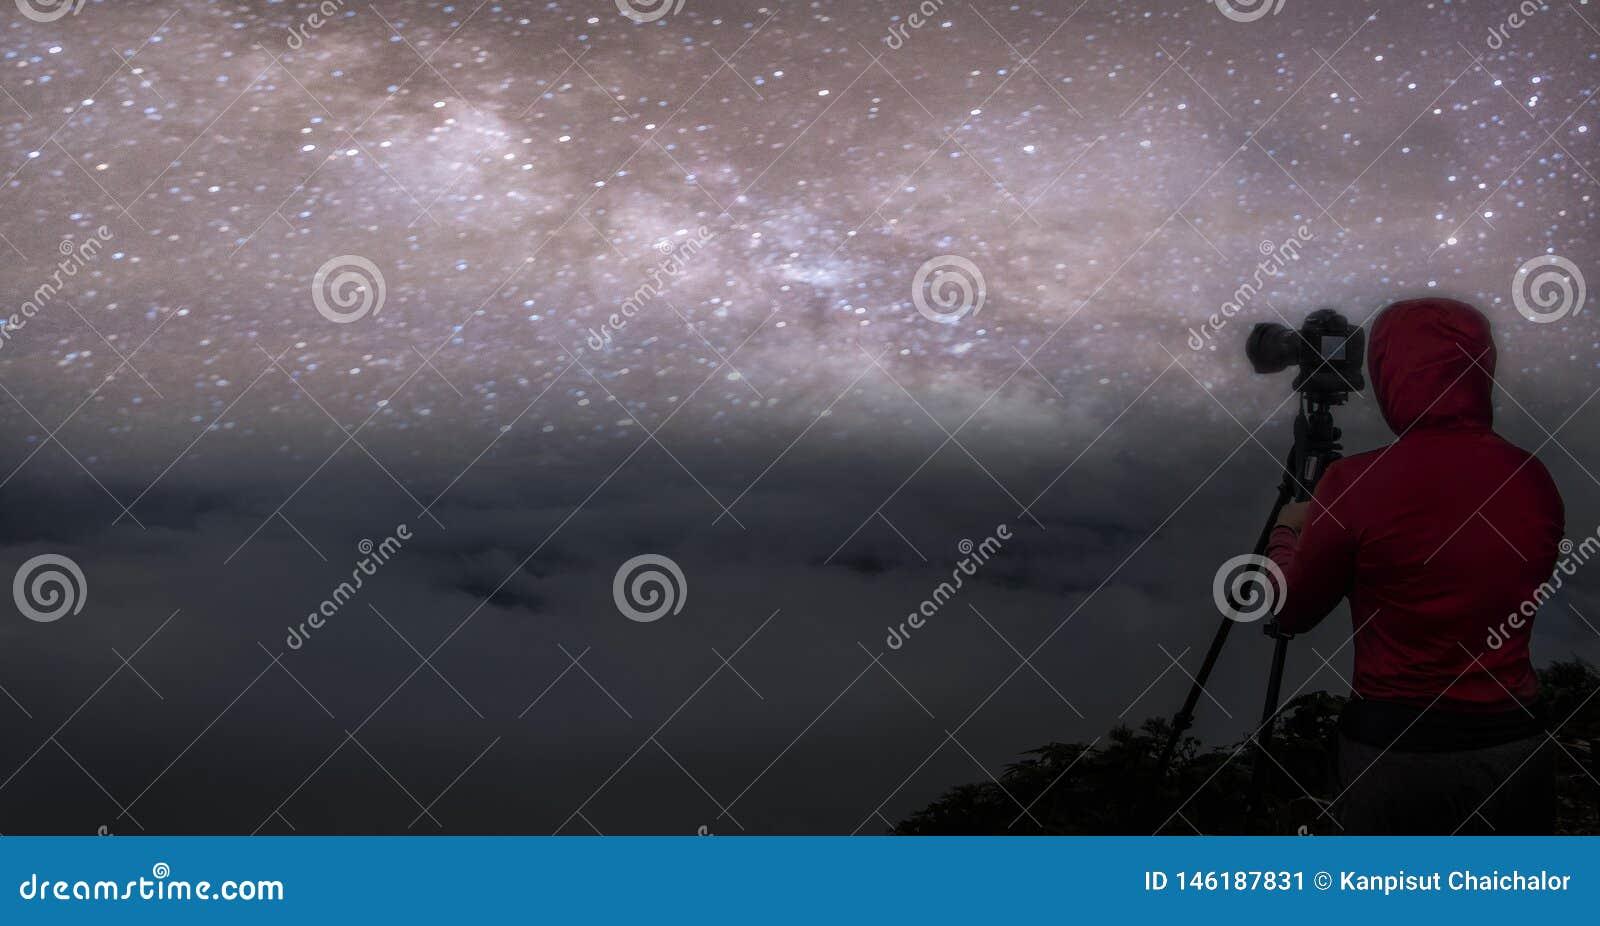 Hemel van de panorama de Kleurrijke nacht met sterren en silhouet van een bevindende mens op de steen Blauwe melkachtige manier m